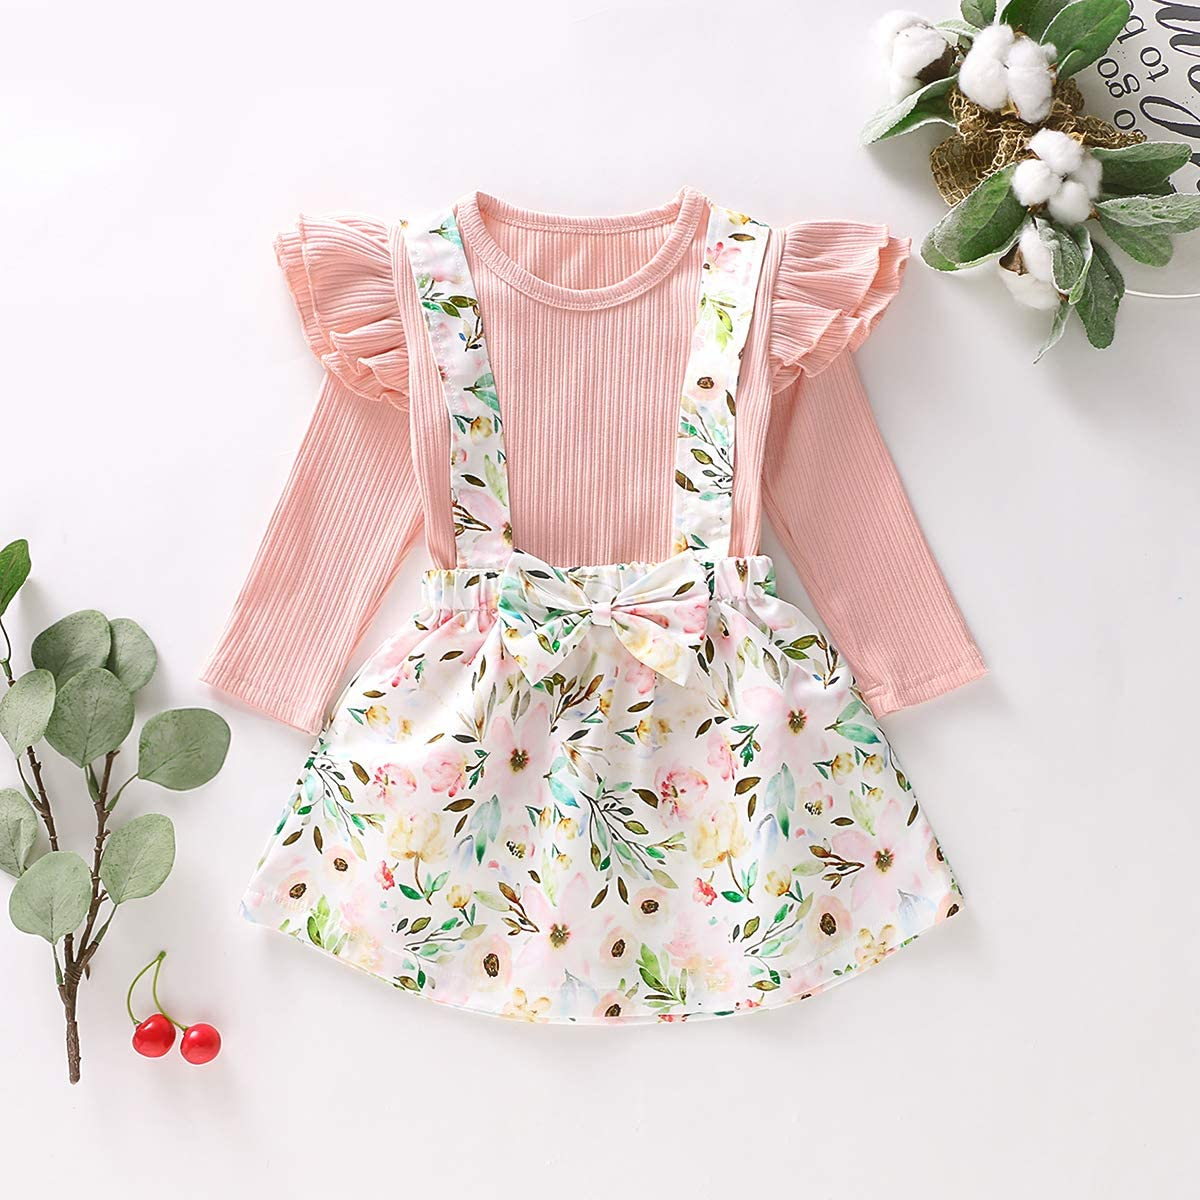 Borlai 1-6T Kinder M/ädchen Langarmshirt modischer R/üschenbody Strapsrock mit Blumenmuster niedliches Baby-Outfit-Set